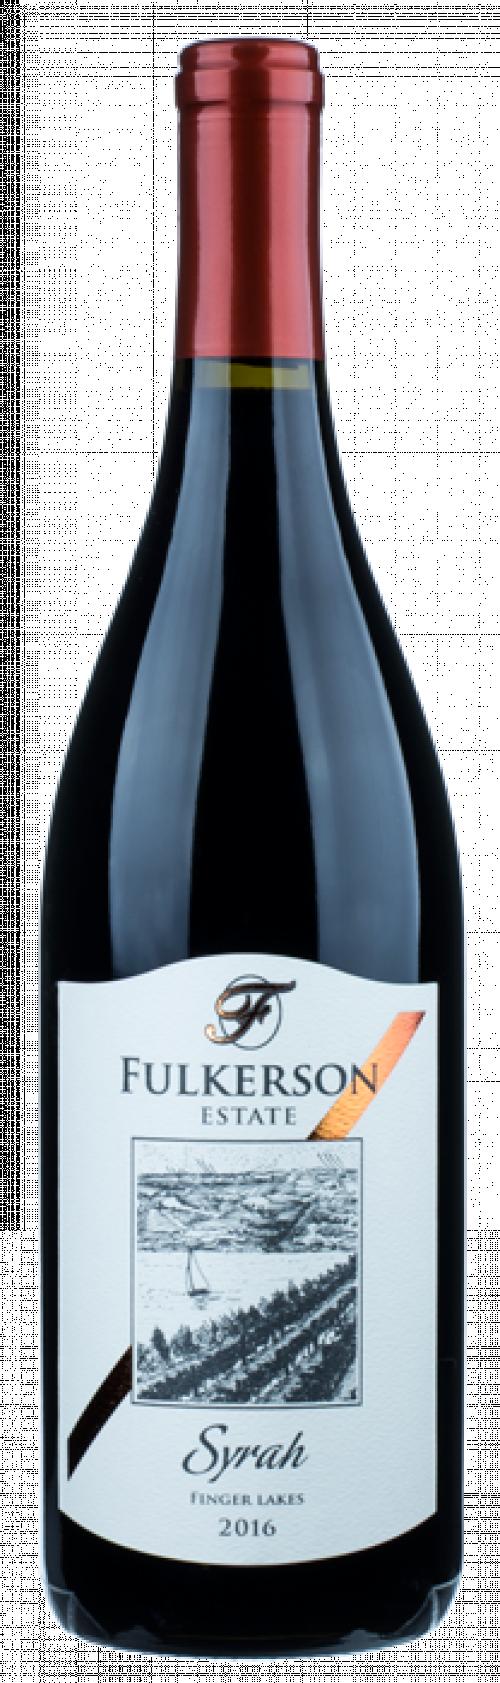 2017 Fulkerson Syrah 750ml